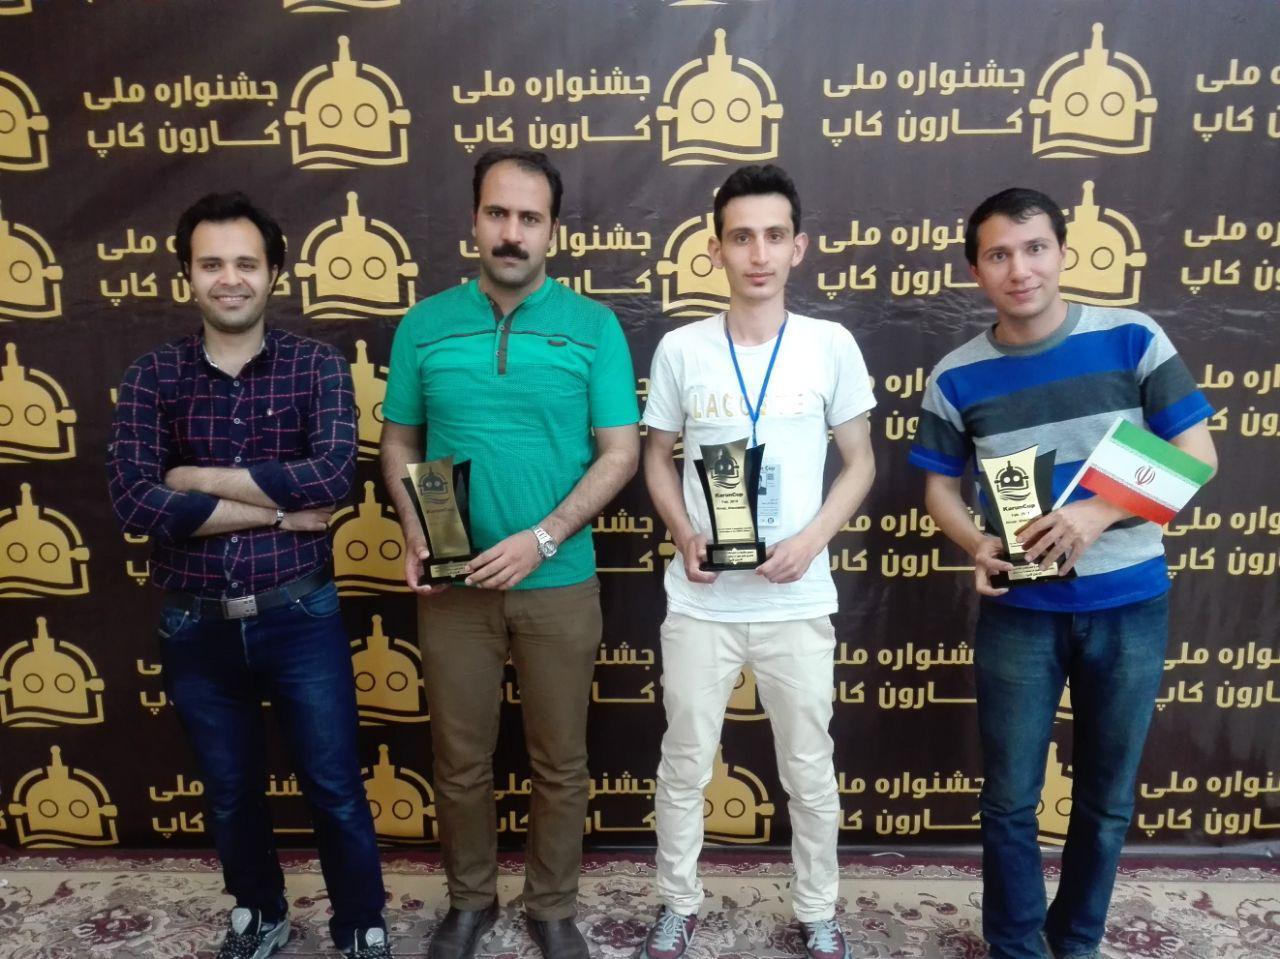 نجف آباد قهرمان لیگ زیردریایی شد+تصاویر